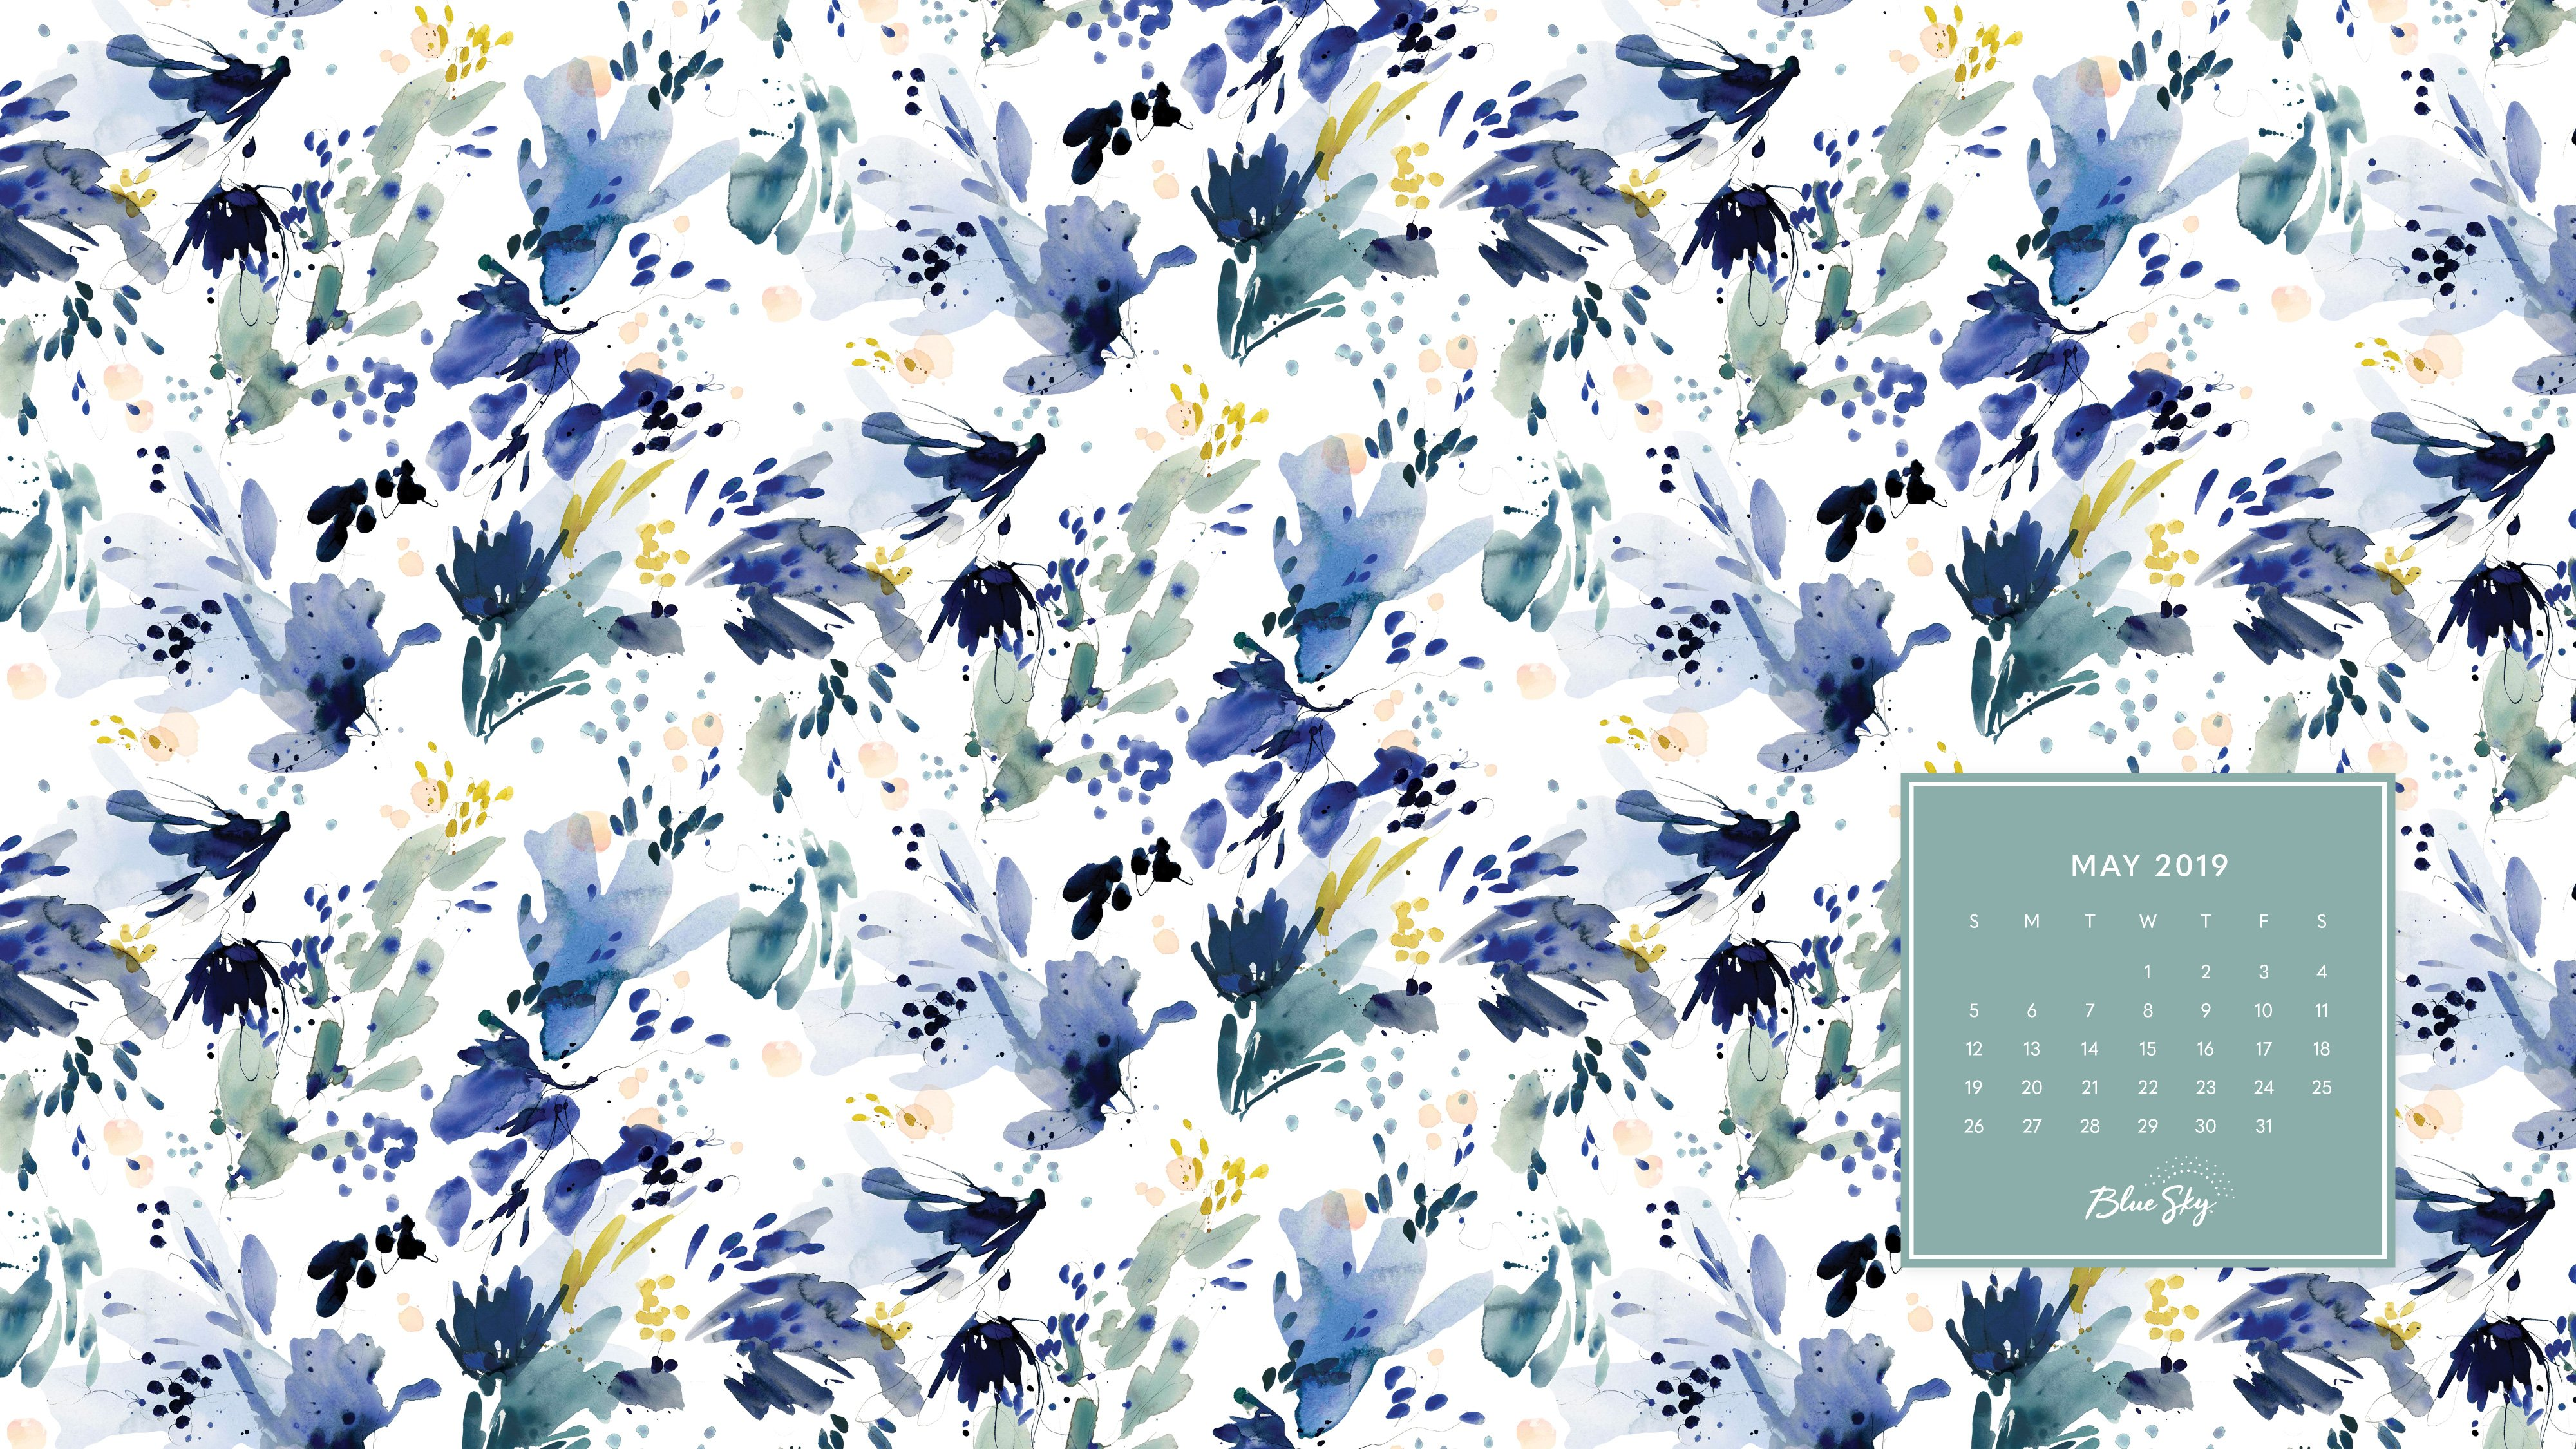 Downloadables Blue Sky 4000x2250